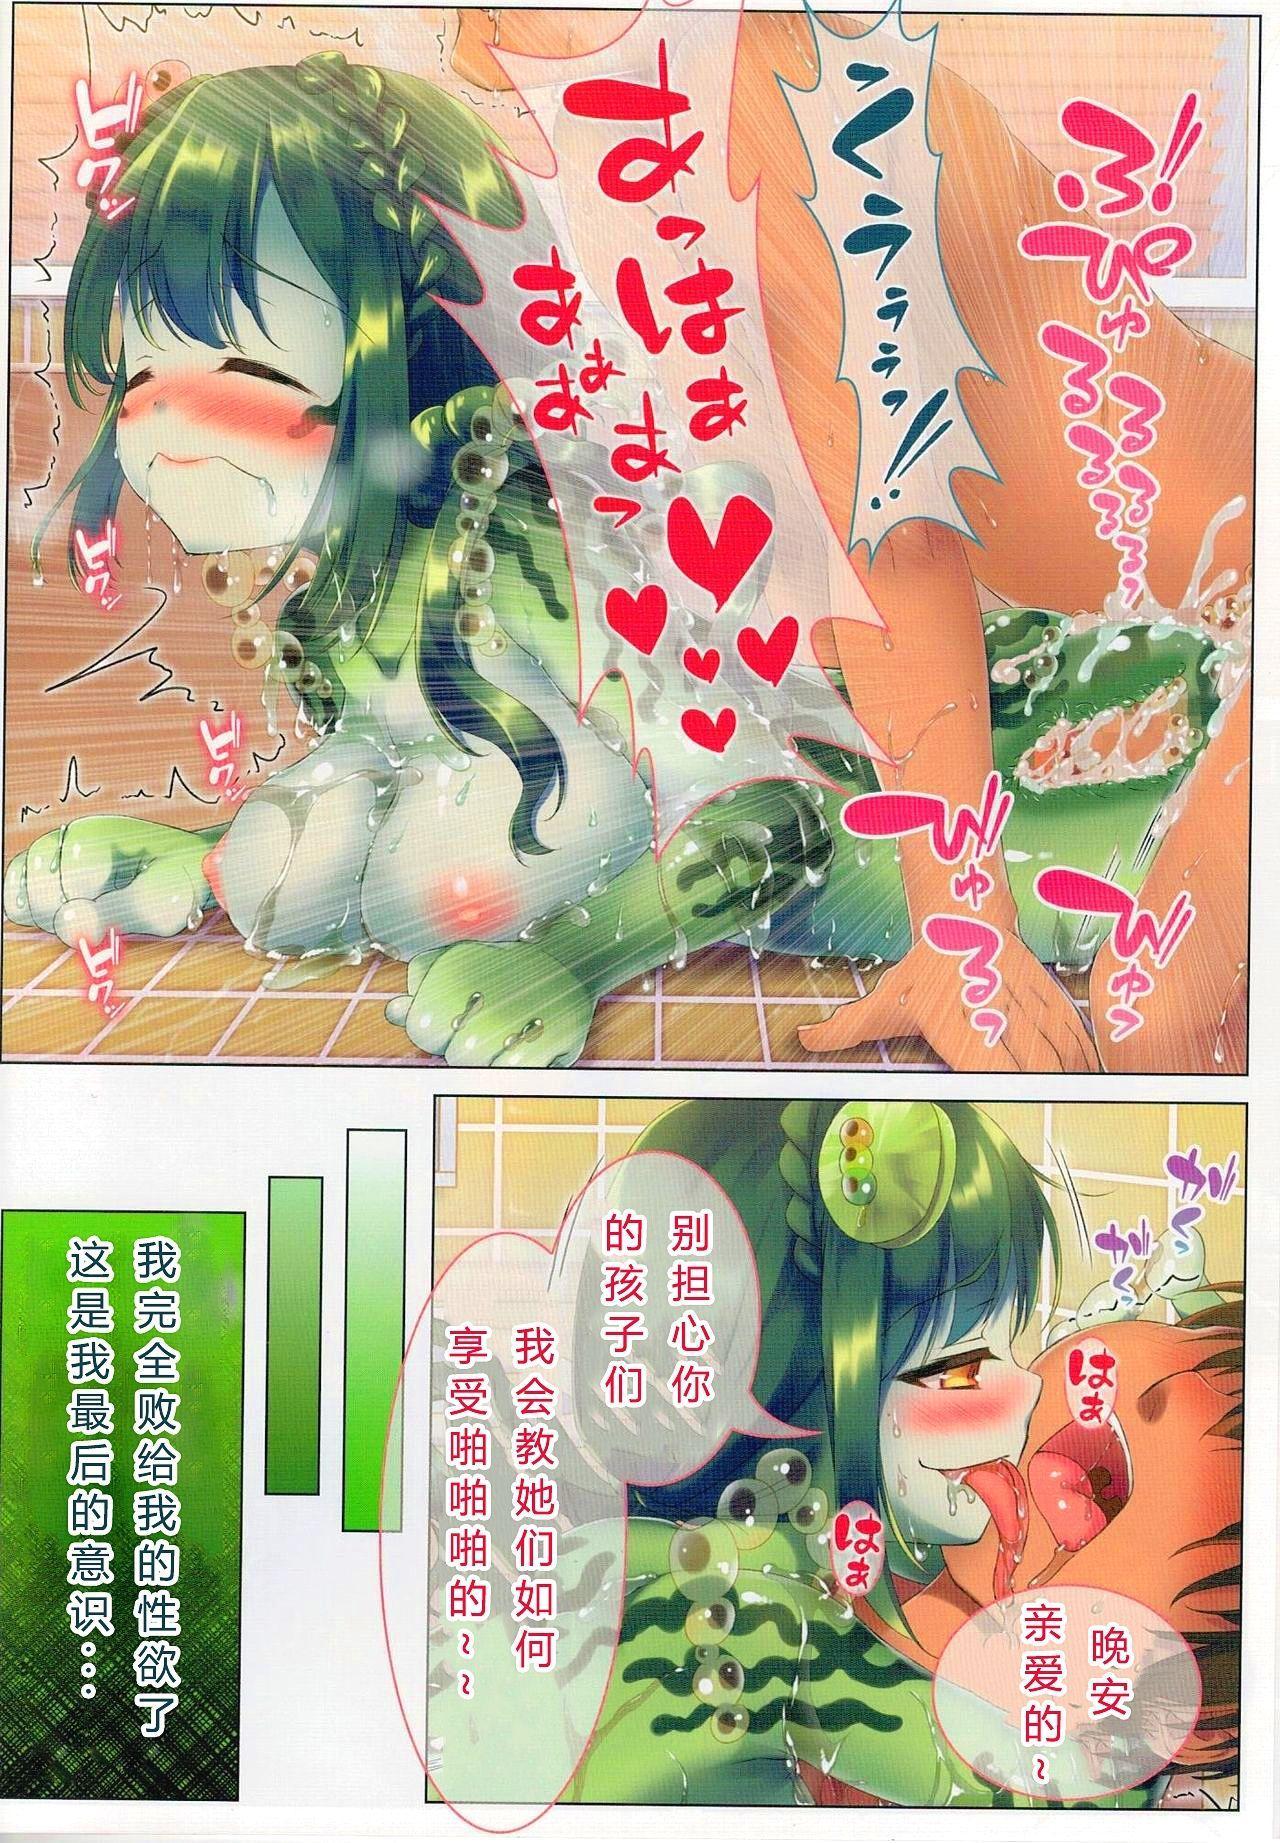 Seieki Daisuki Rui-chan no Semeseme Ningen Choukyou Nikki 2 14